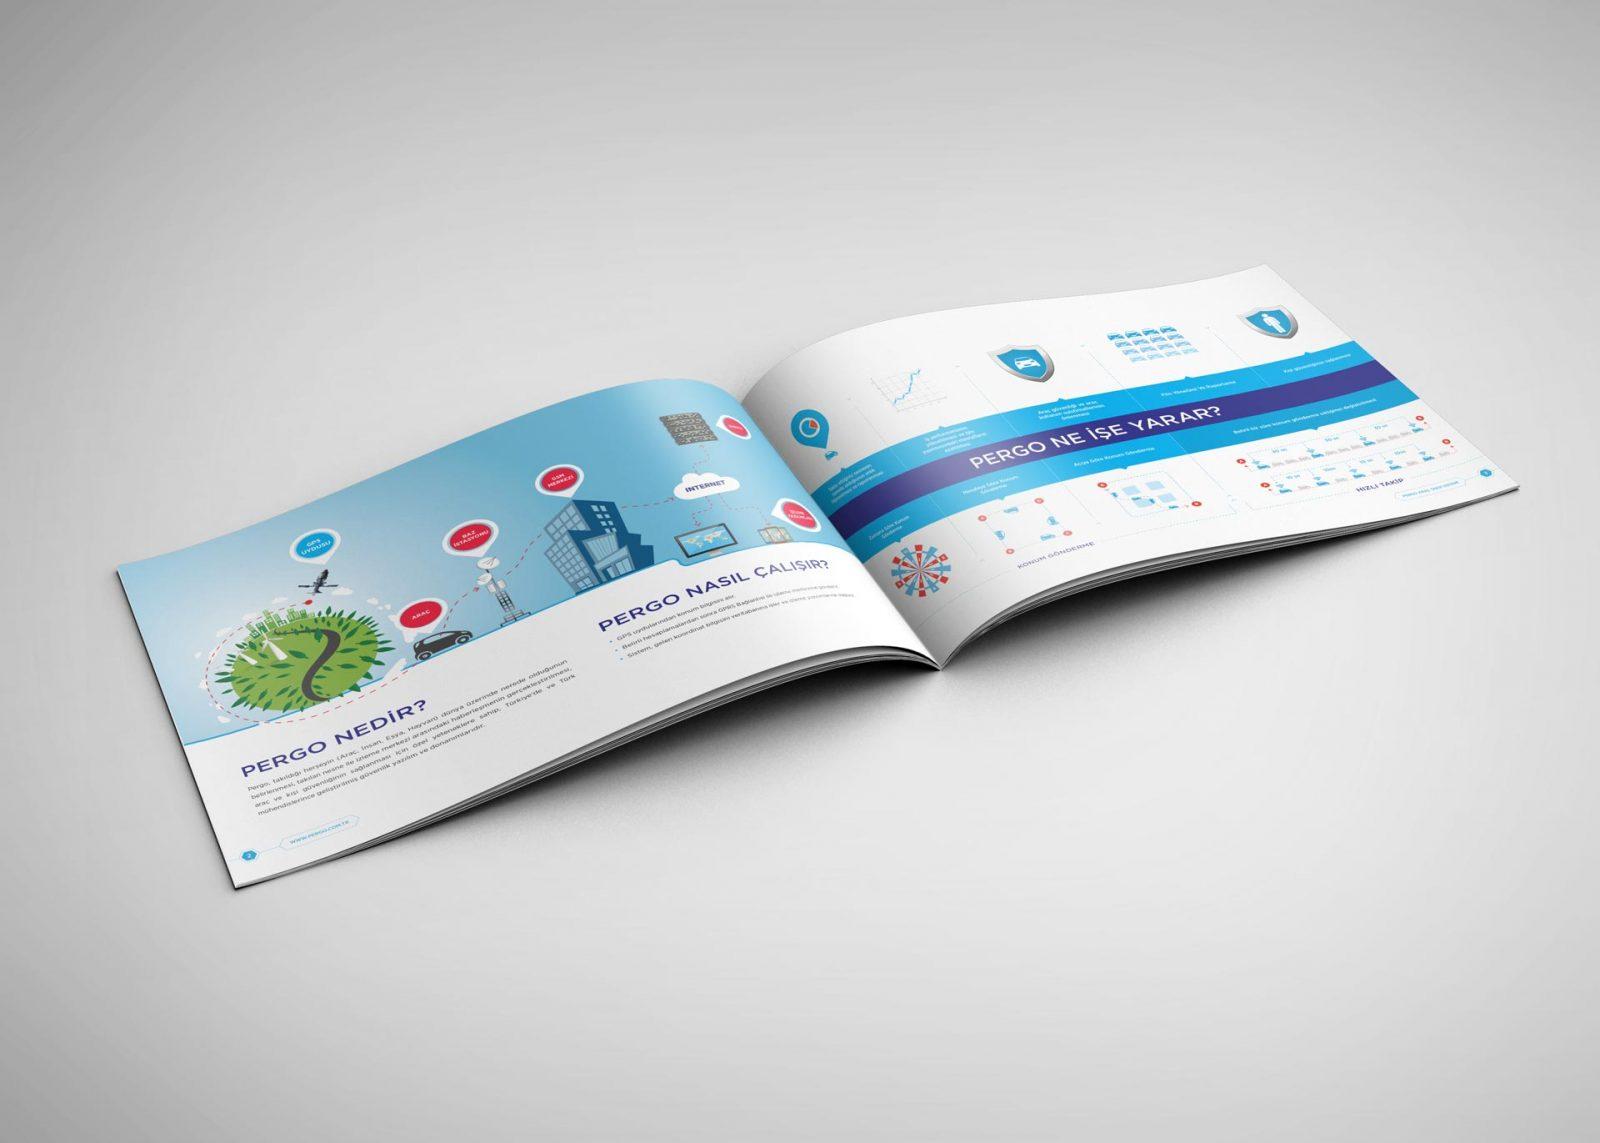 pergo broşür tasarımı 02